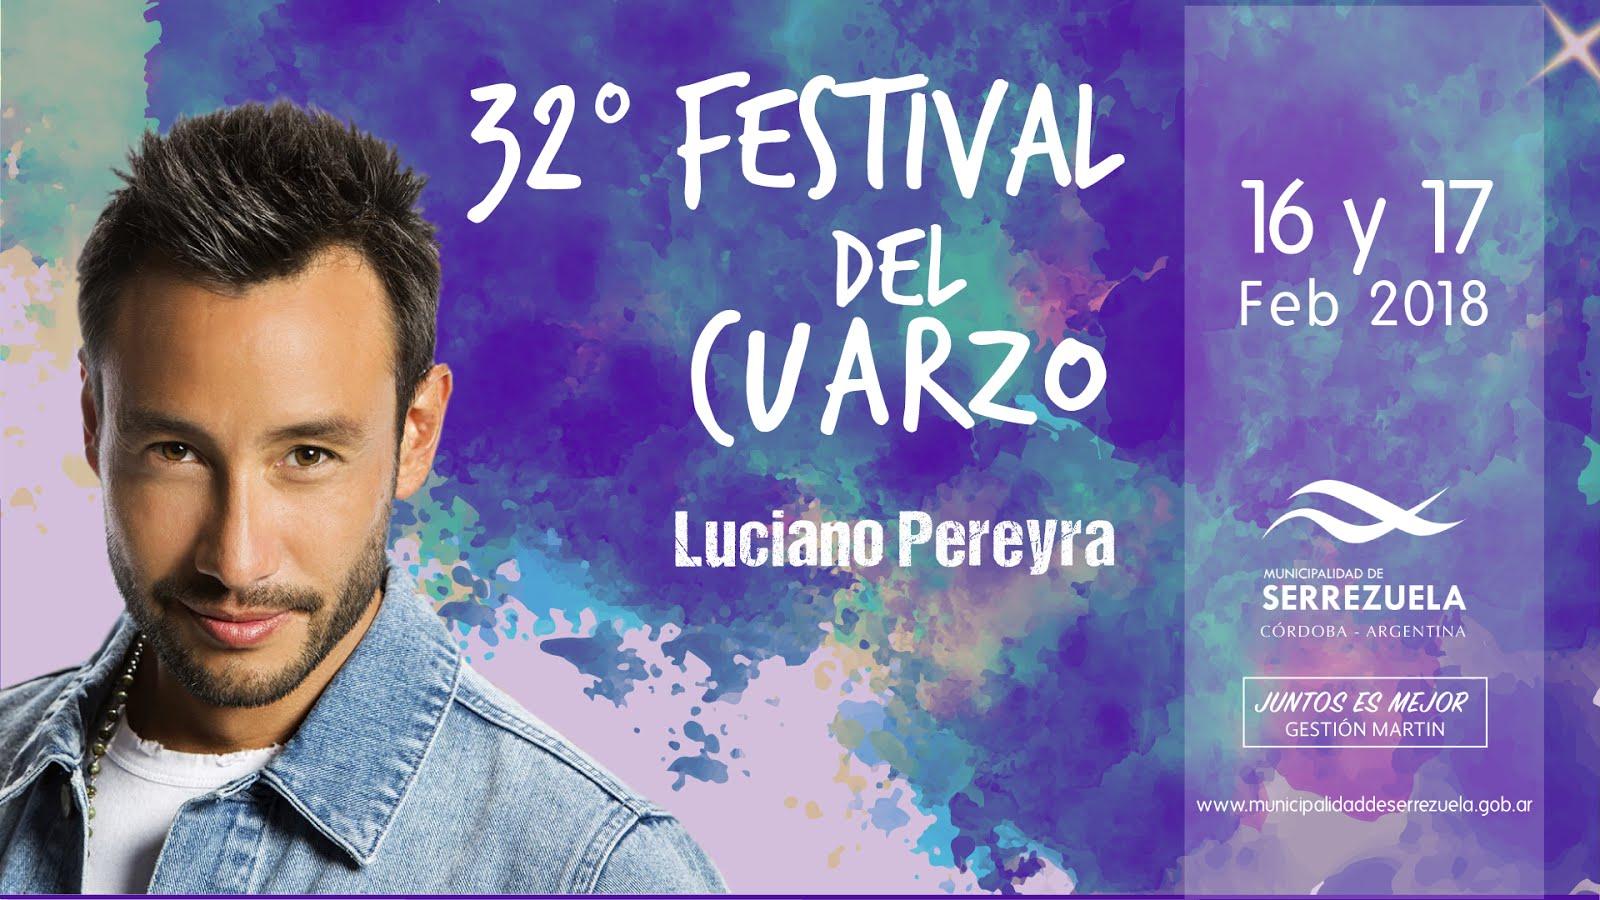 32º Festival del Cuarzo en Serrezuela